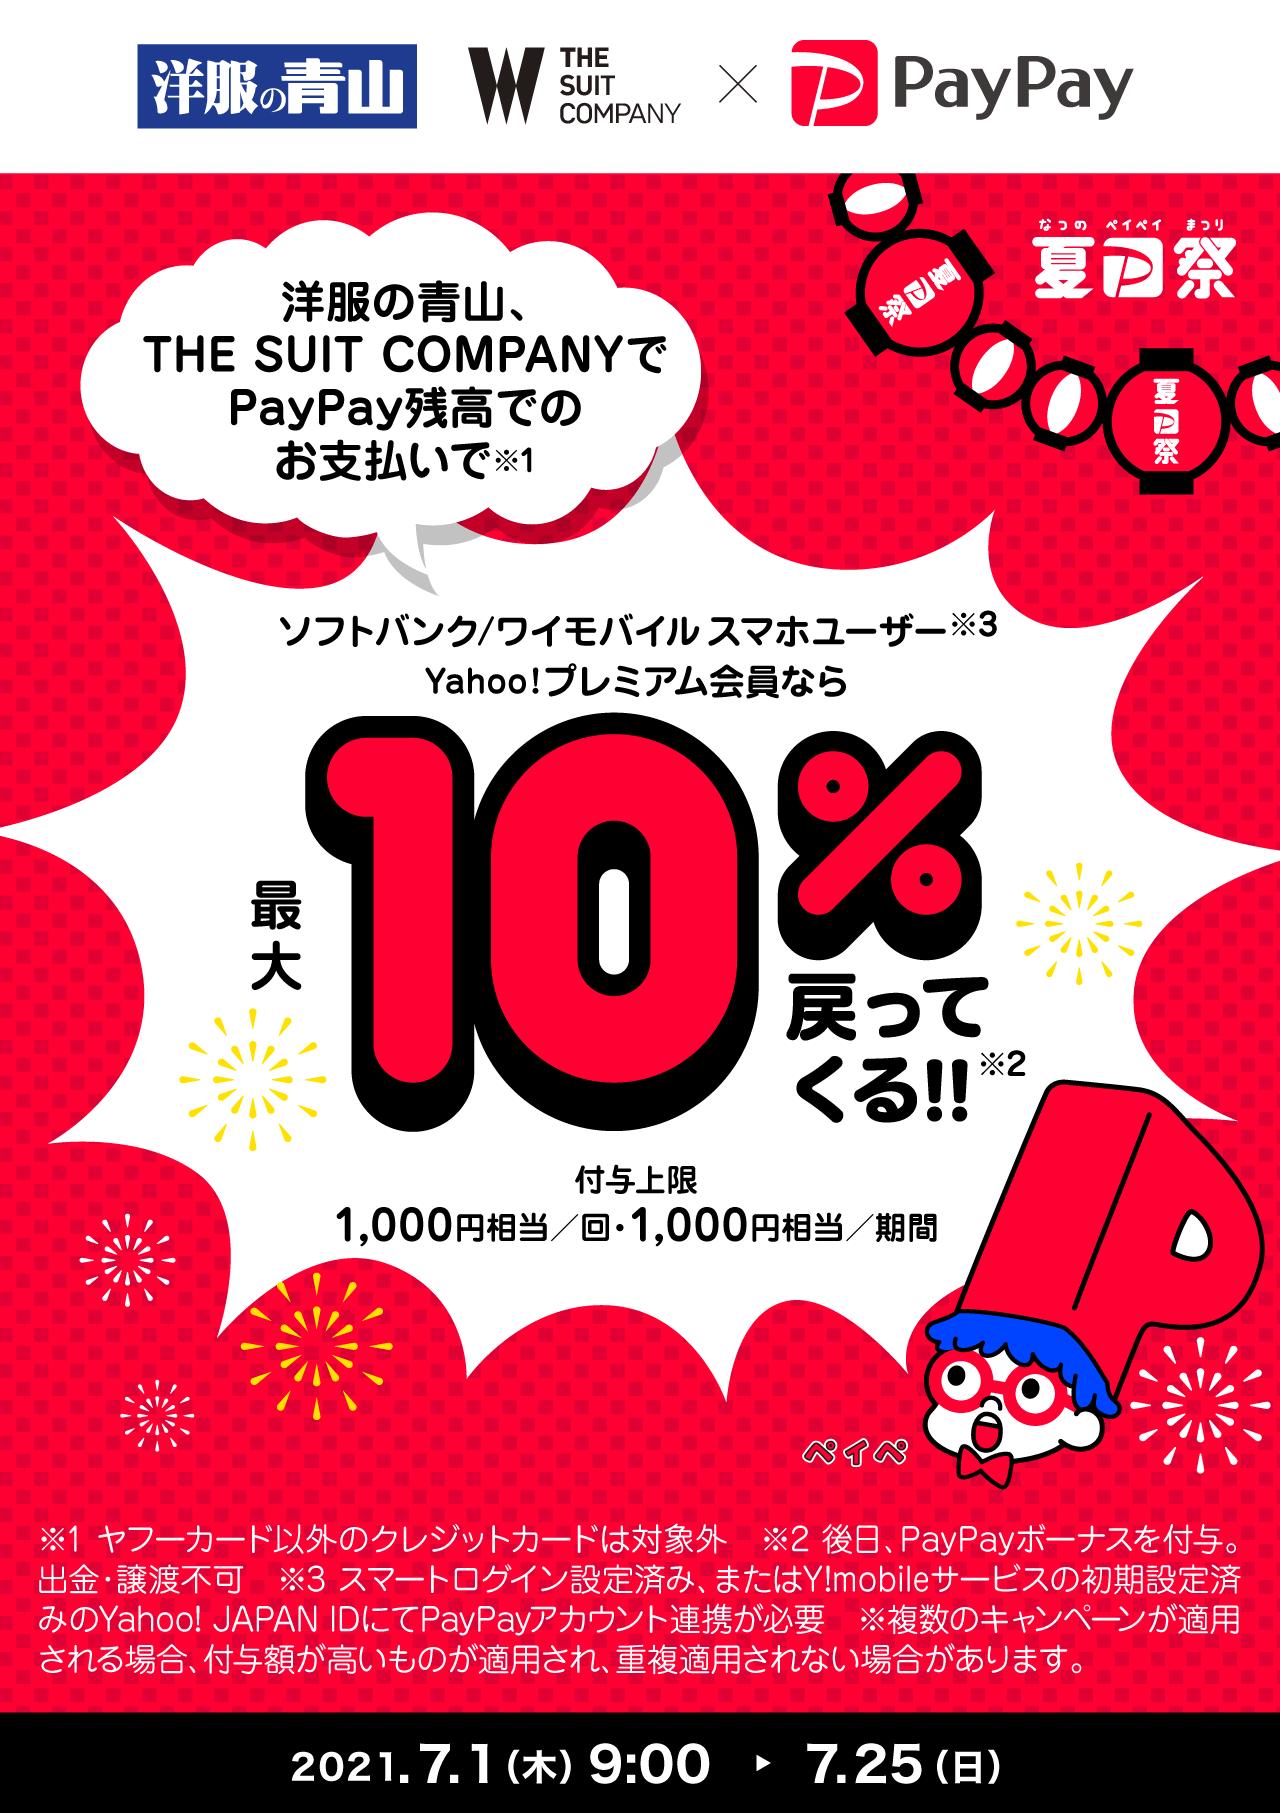 洋服の青山、THE SUIT COMPANYでPayPay残高でのお支払いで最大10%戻ってくる!!